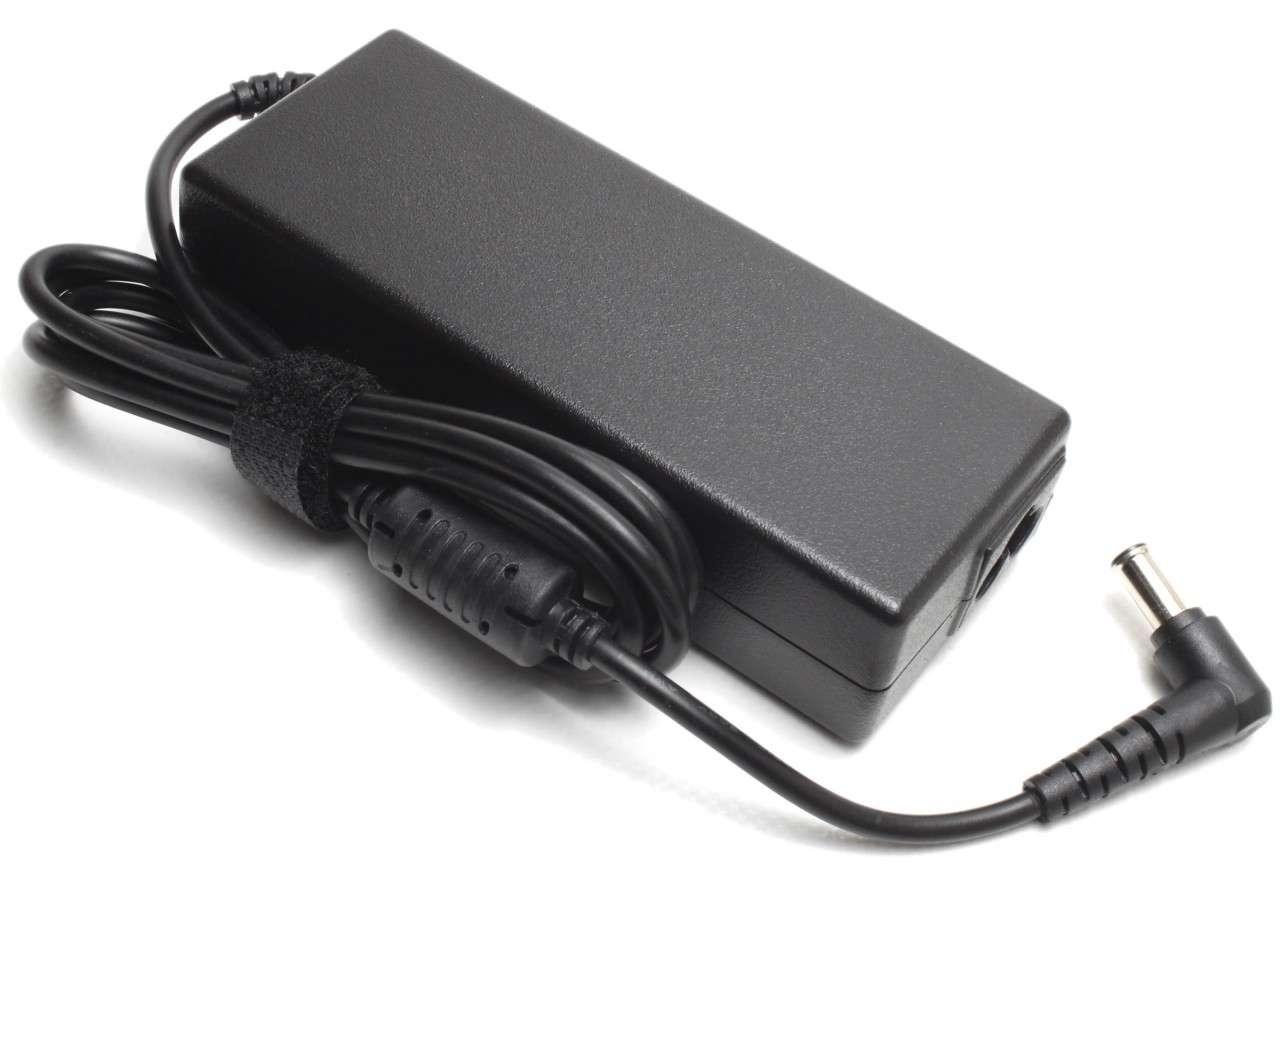 Incarcator Sony Vaio VPCM111AX/B Replacement imagine powerlaptop.ro 2021